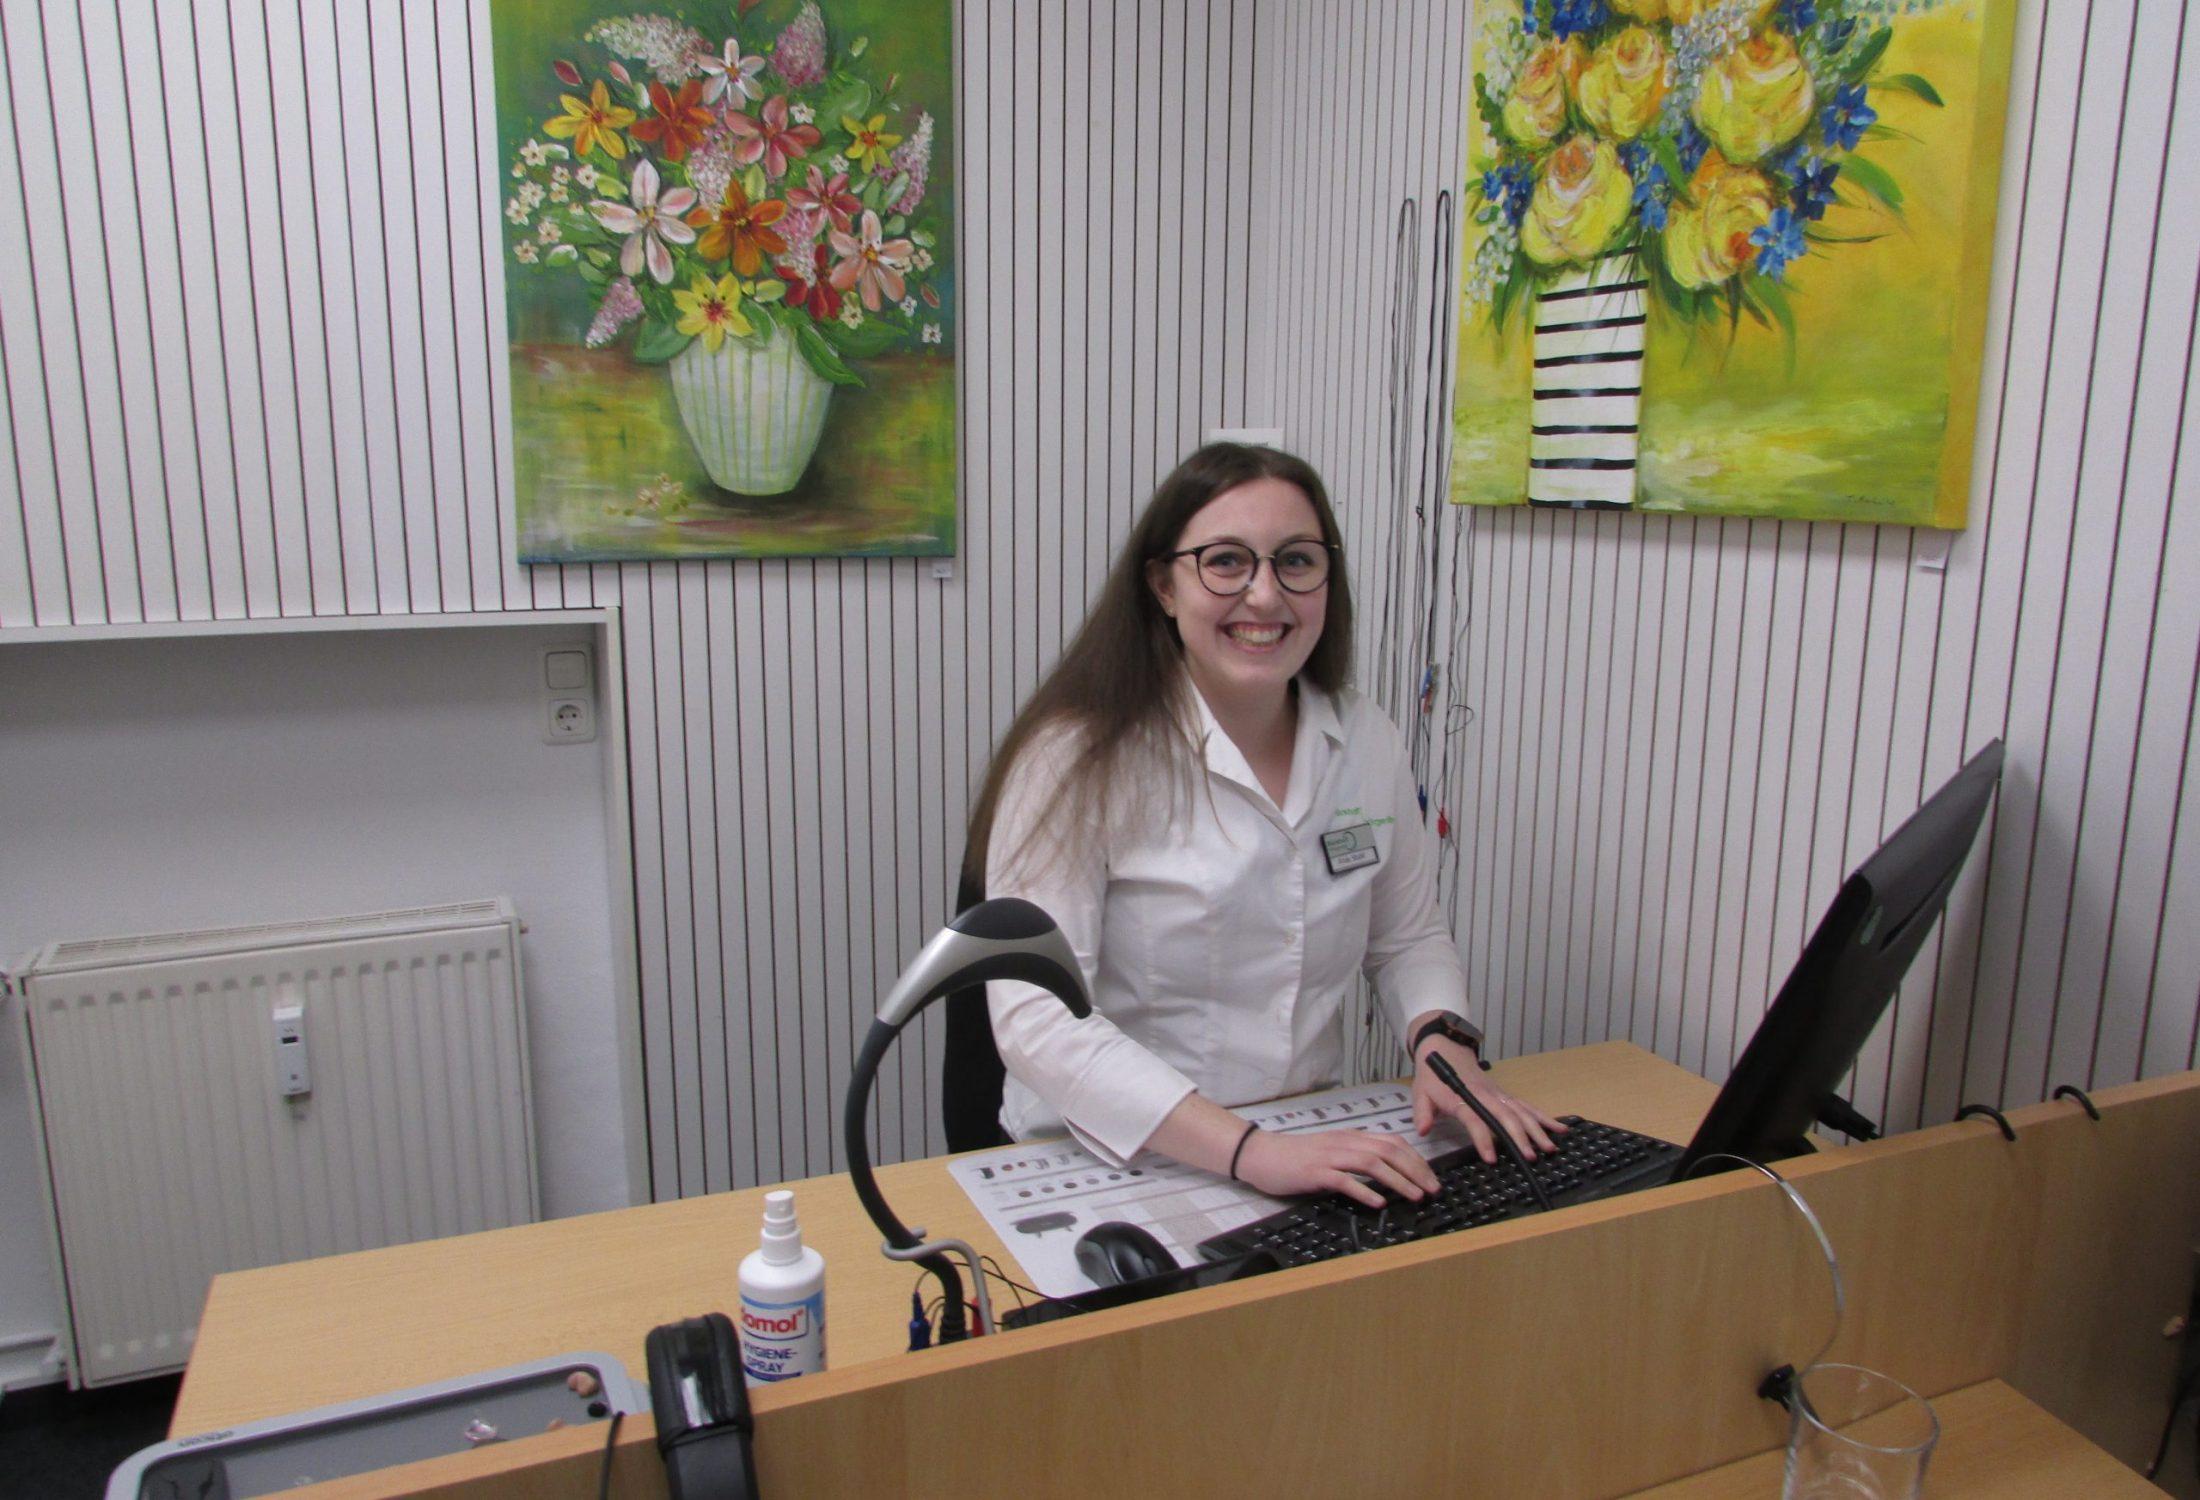 Frau Stahl in der Hörkabine der Filiale Elbestraße in Braunschweig